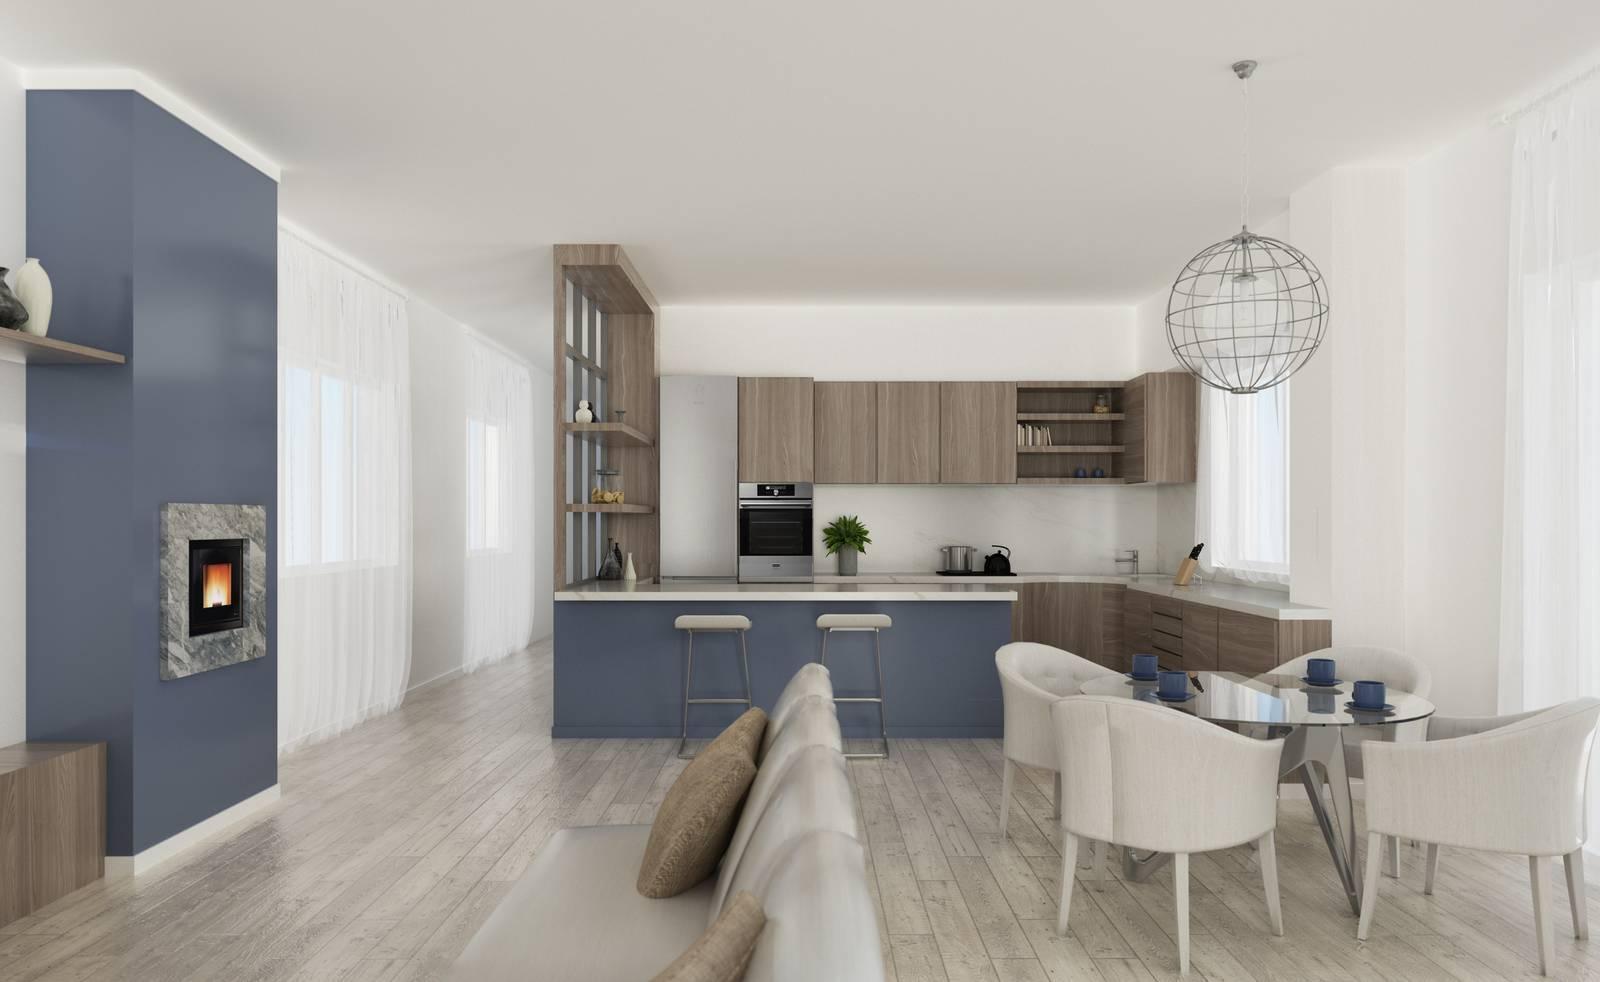 L'ambiente open space che comprende salotto e cucina è una soluzione contemporanea e. Via Il Corridoio Cucina E Soggiorno Diventano Un Grande Open Space Cose Di Casa